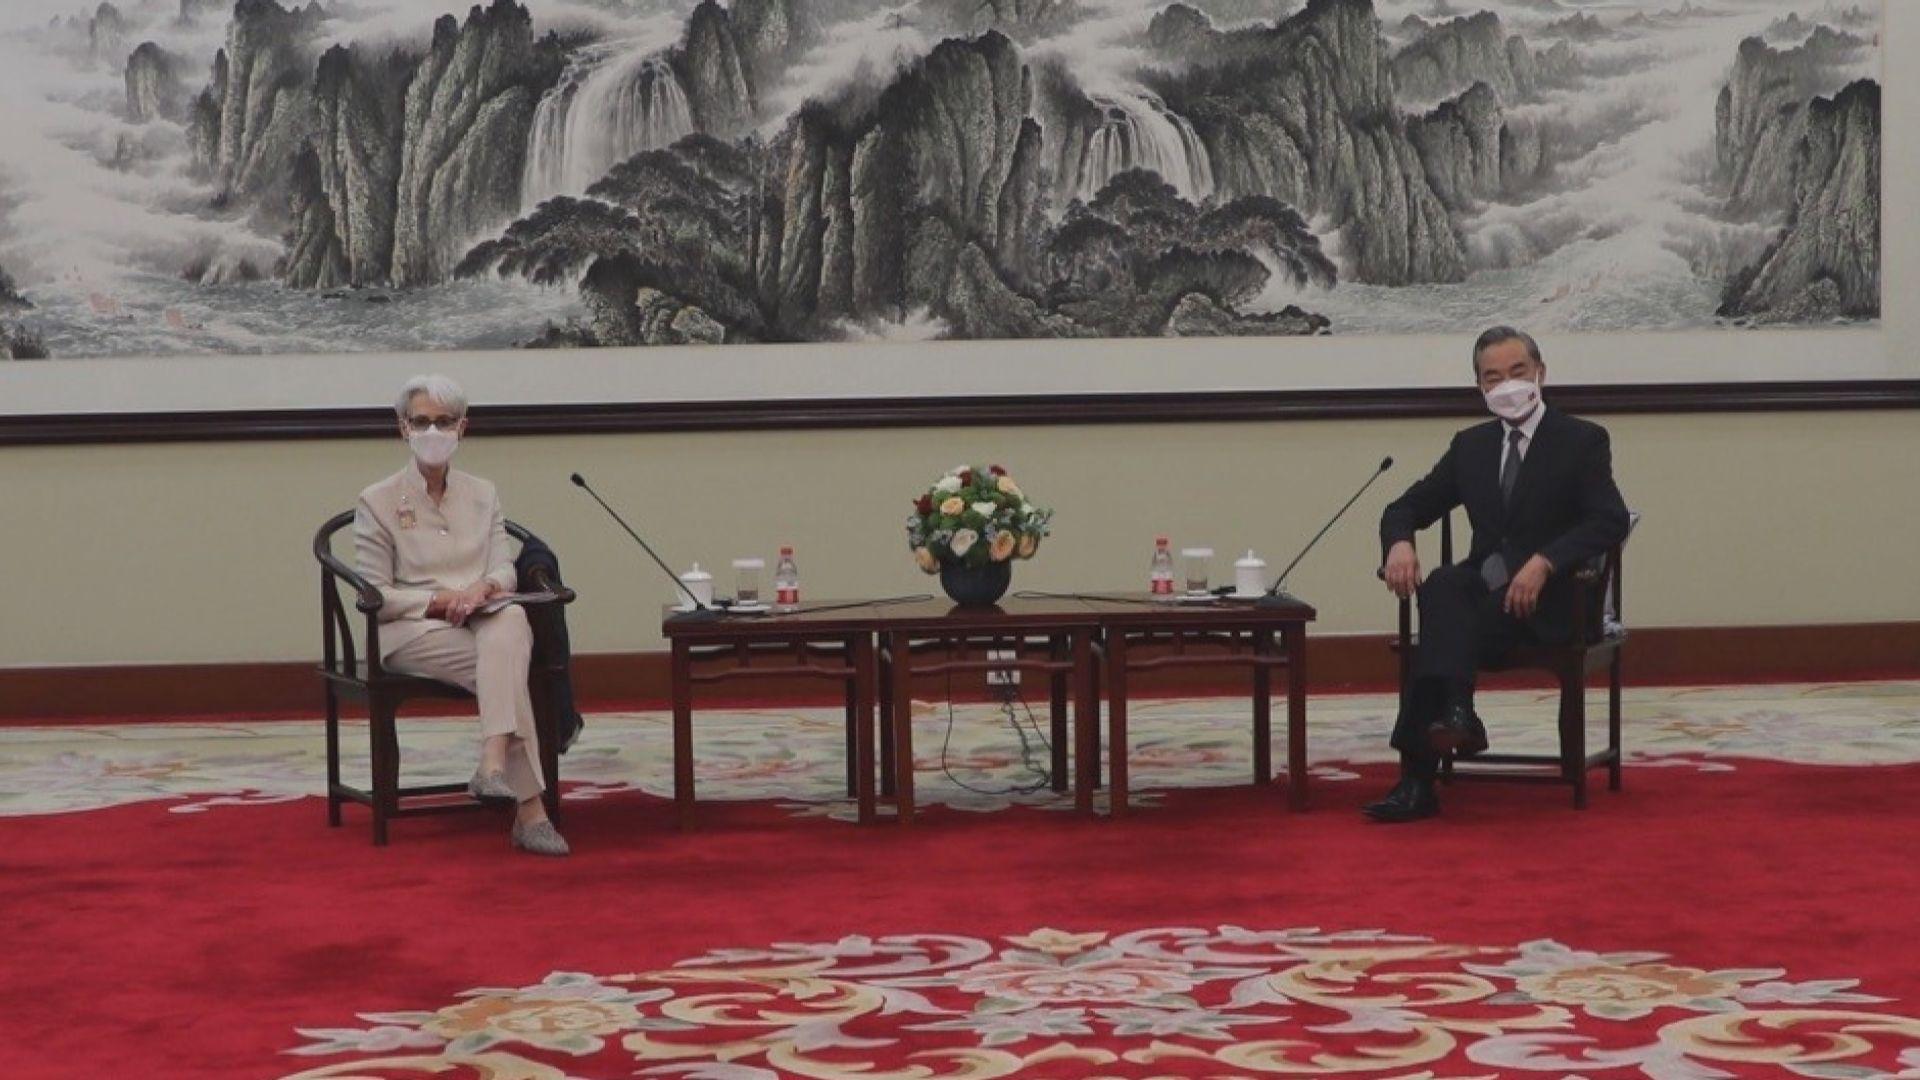 美副國務卿:與王毅談及美方對健康競爭和保障人權承諾